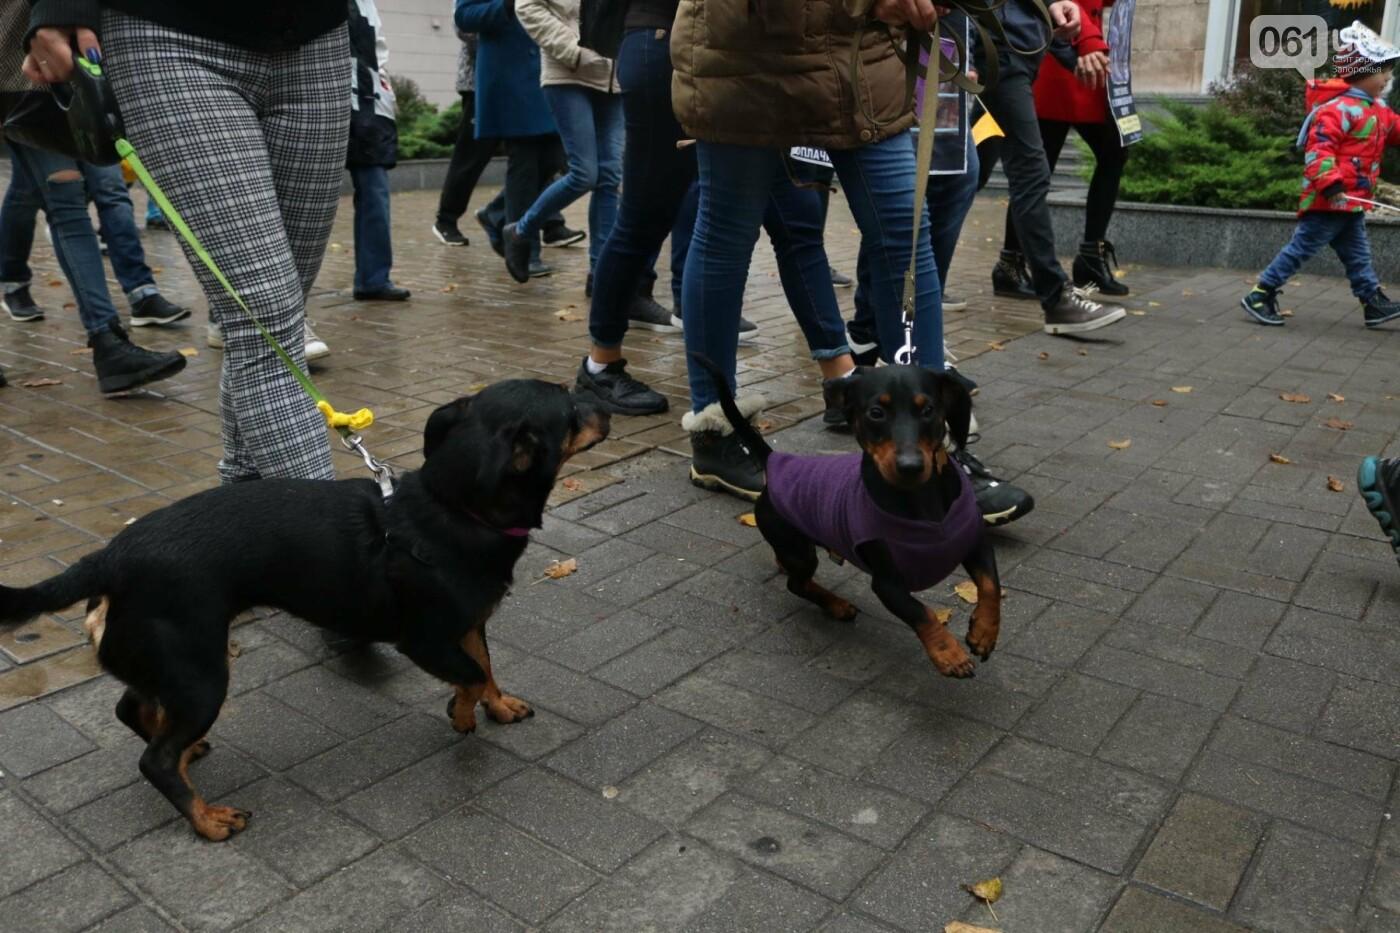 В Запорожье прошел марш за права животных, - ФОТОРЕПОРТАЖ, фото-22